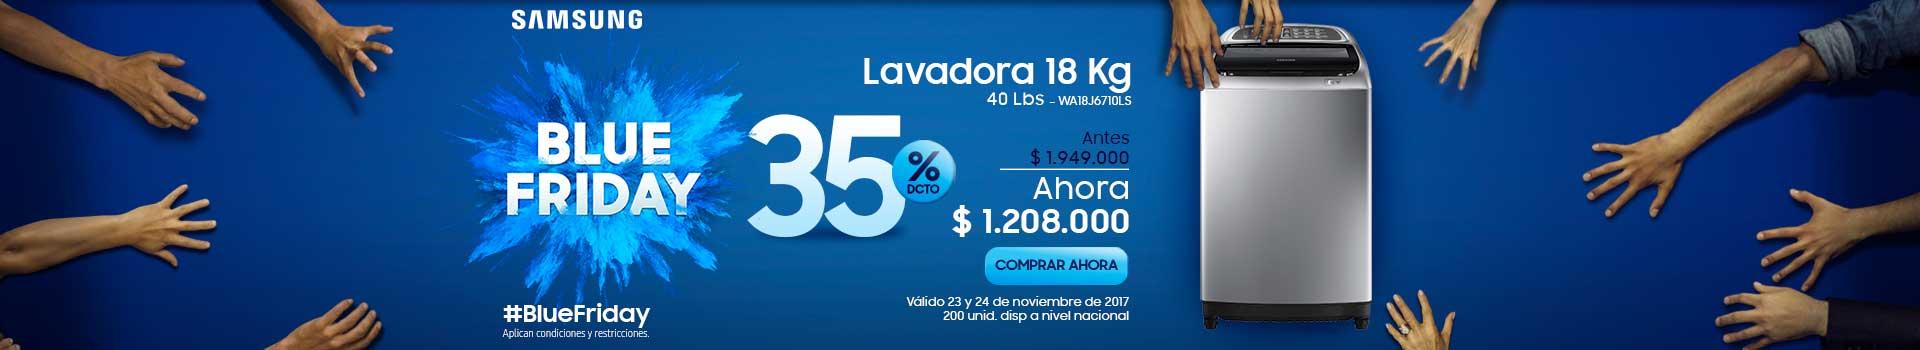 CAT-LAVADORA-AKyKT-PautaSAMSUNGBluefriday-lav18kg-WA18J6710LS-cat-nov23y24